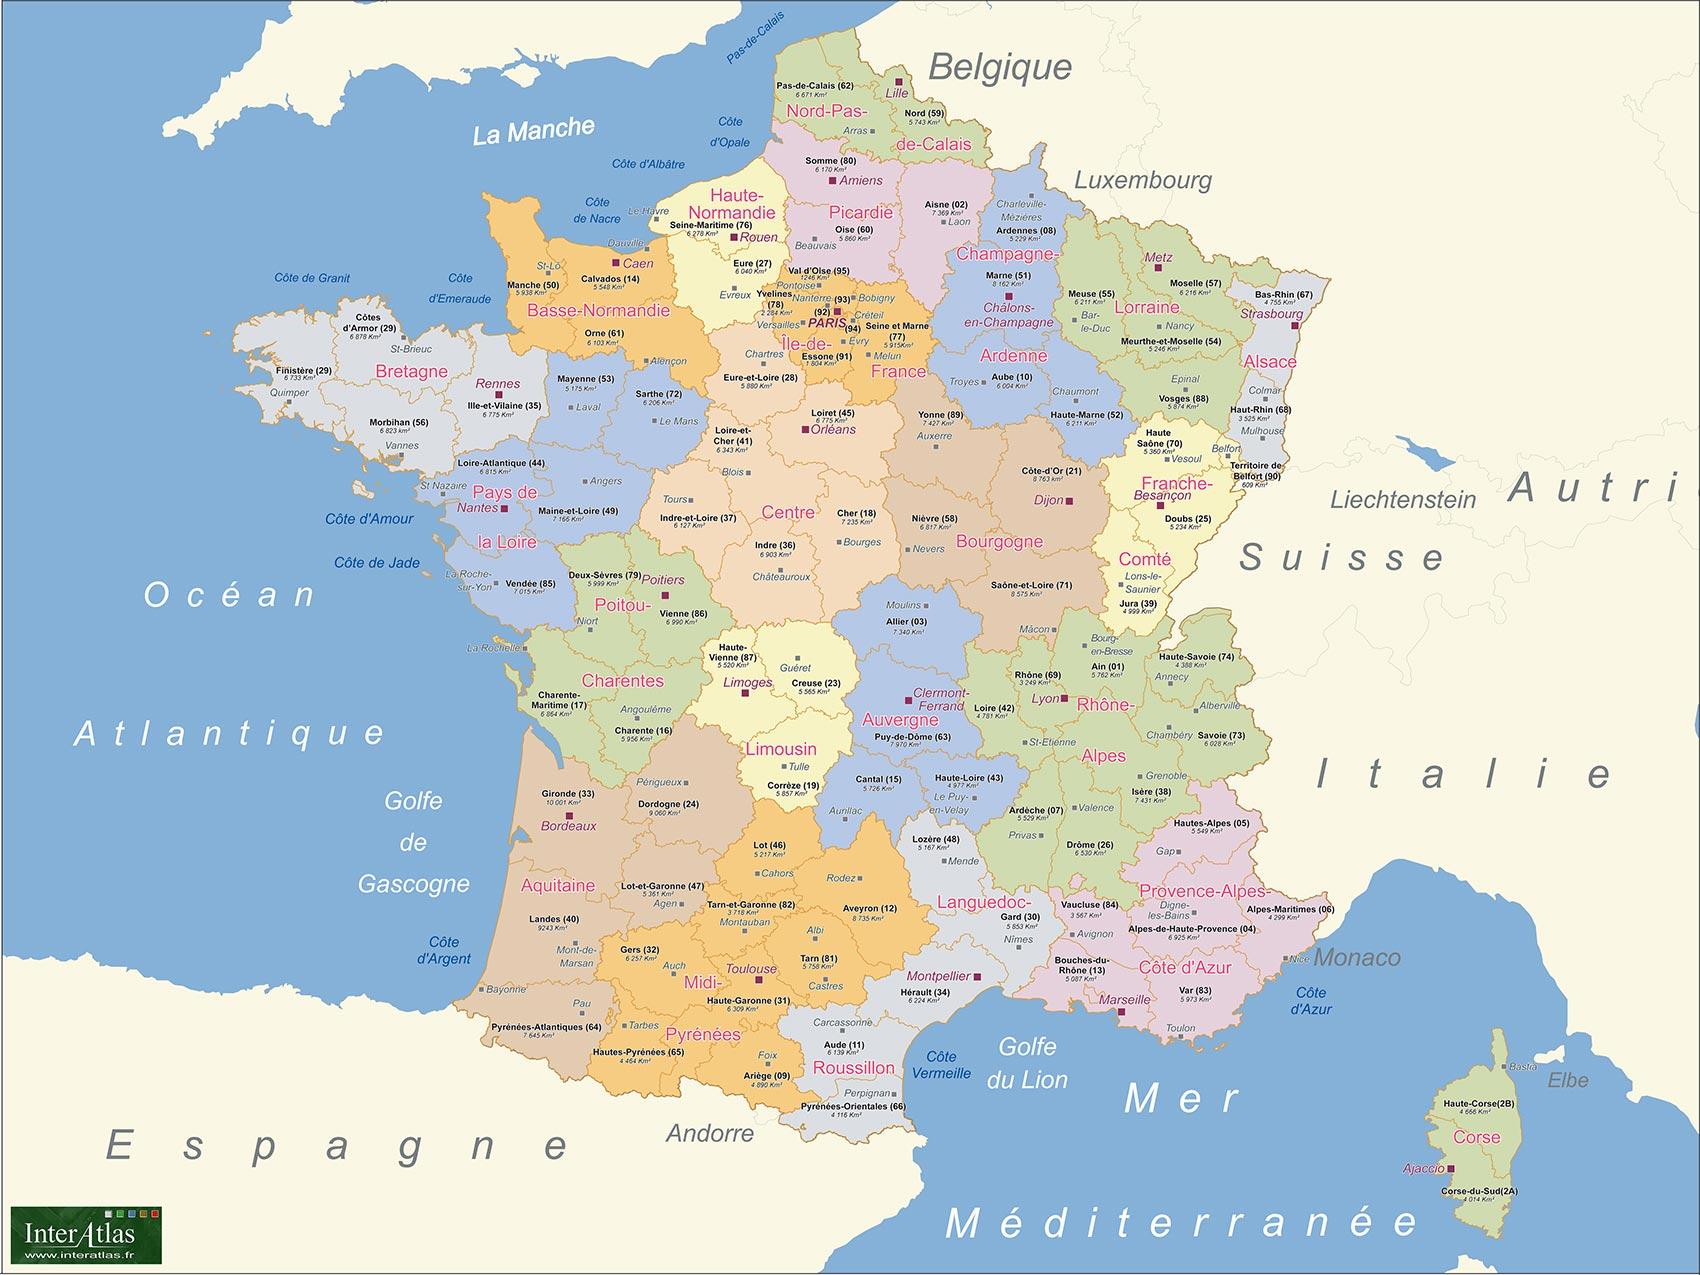 Carte Des Départements Et Régions De France avec Départements Et Régions De France